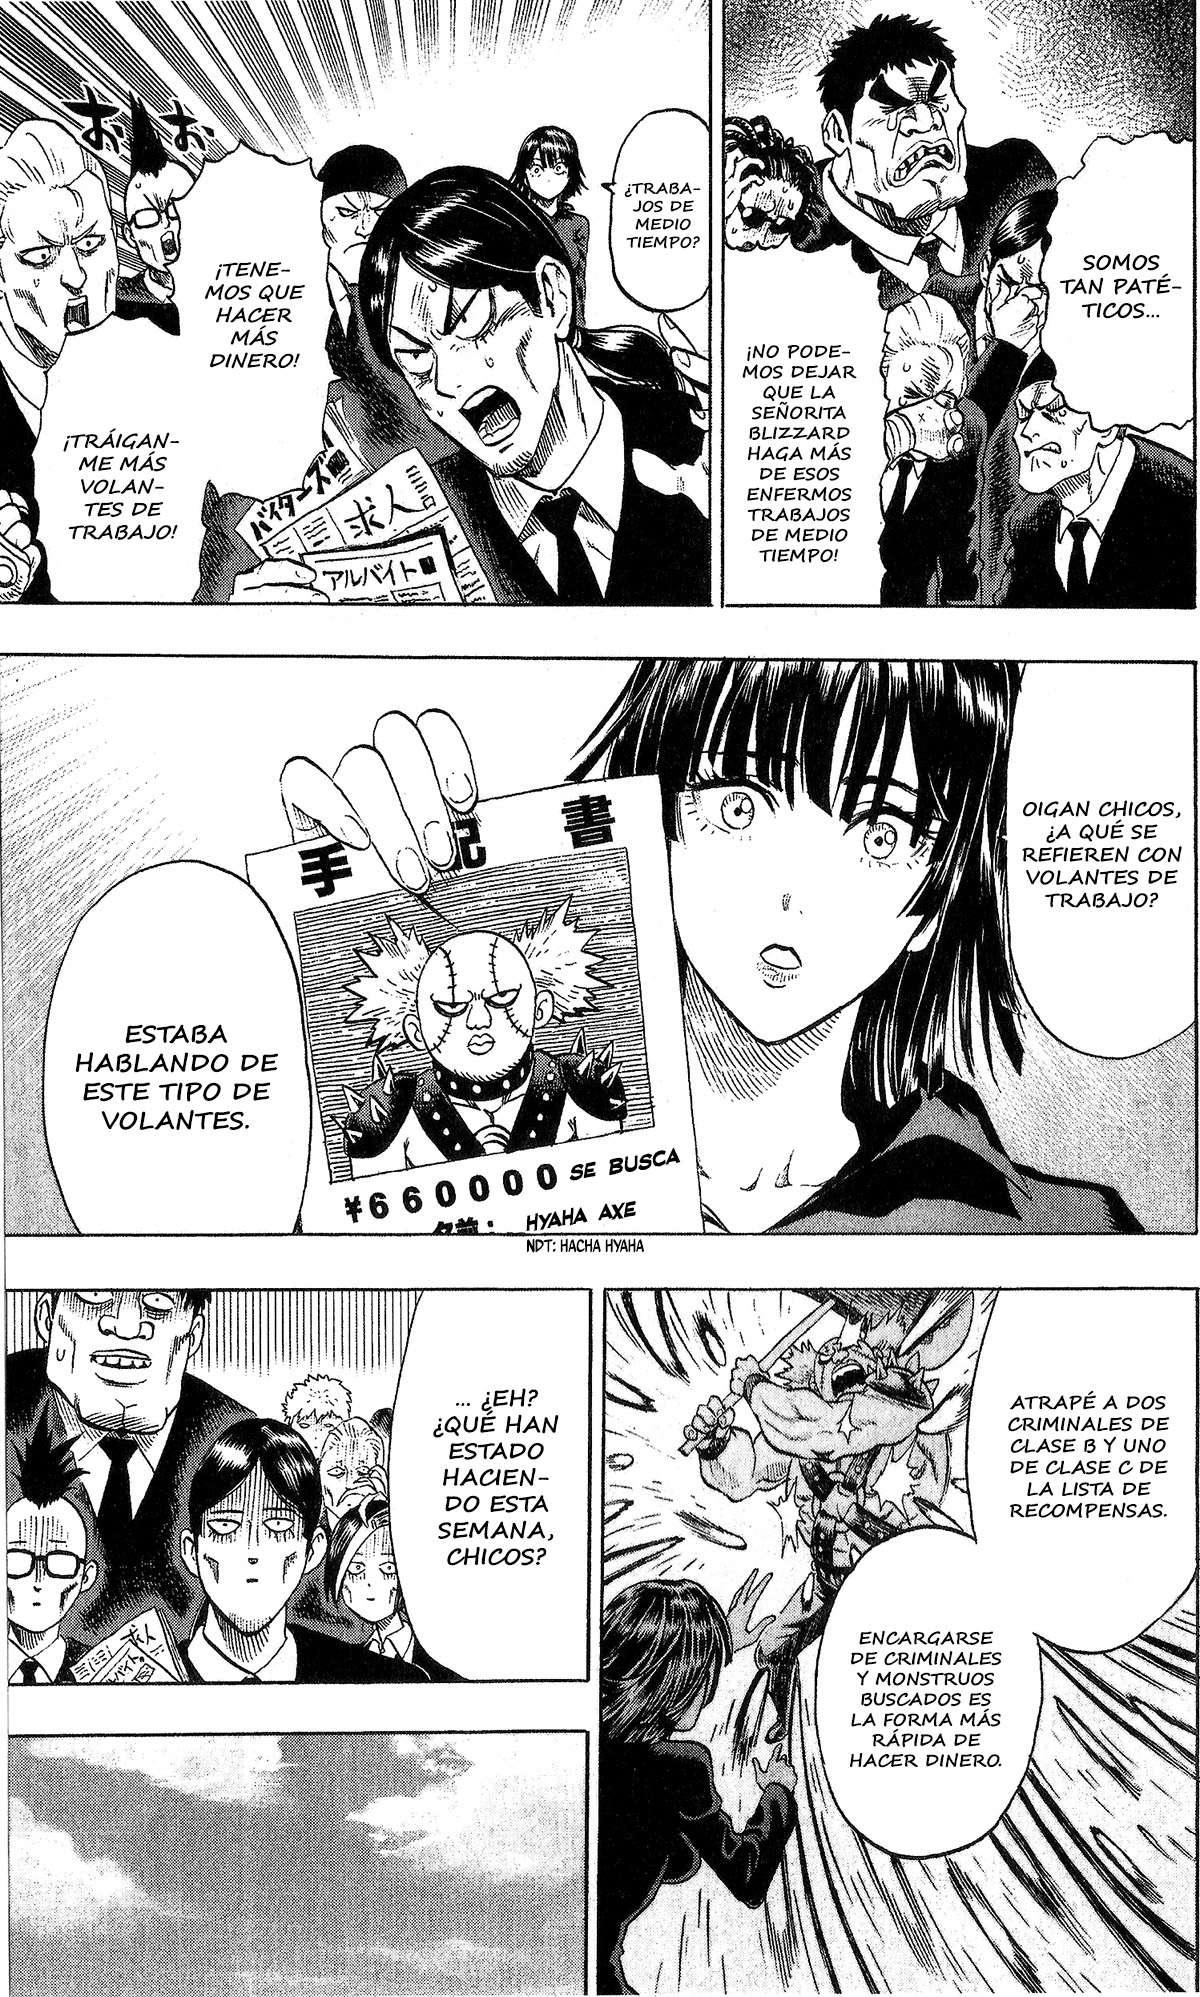 http://c5.ninemanga.com/es_manga/21/14805/414693/2a6dc2fcb1b81b108ac20f840a103573.jpg Page 6